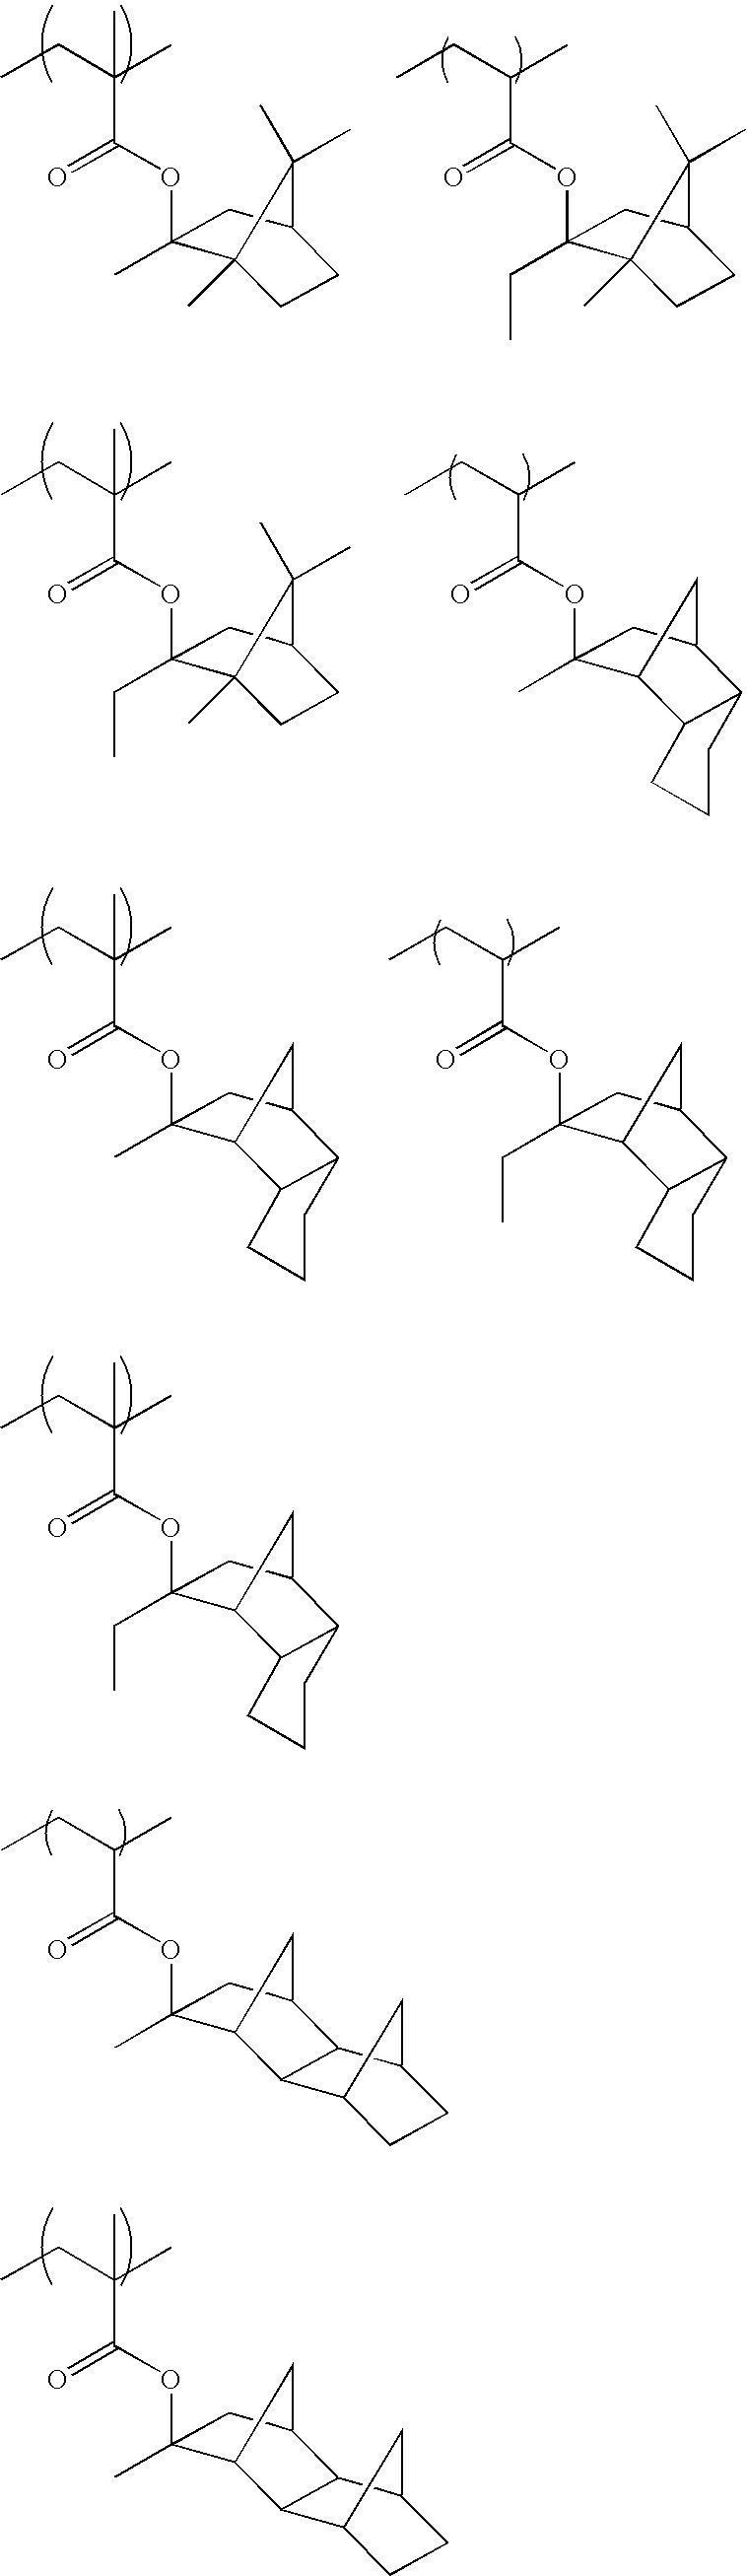 Figure US20090280434A1-20091112-C00046